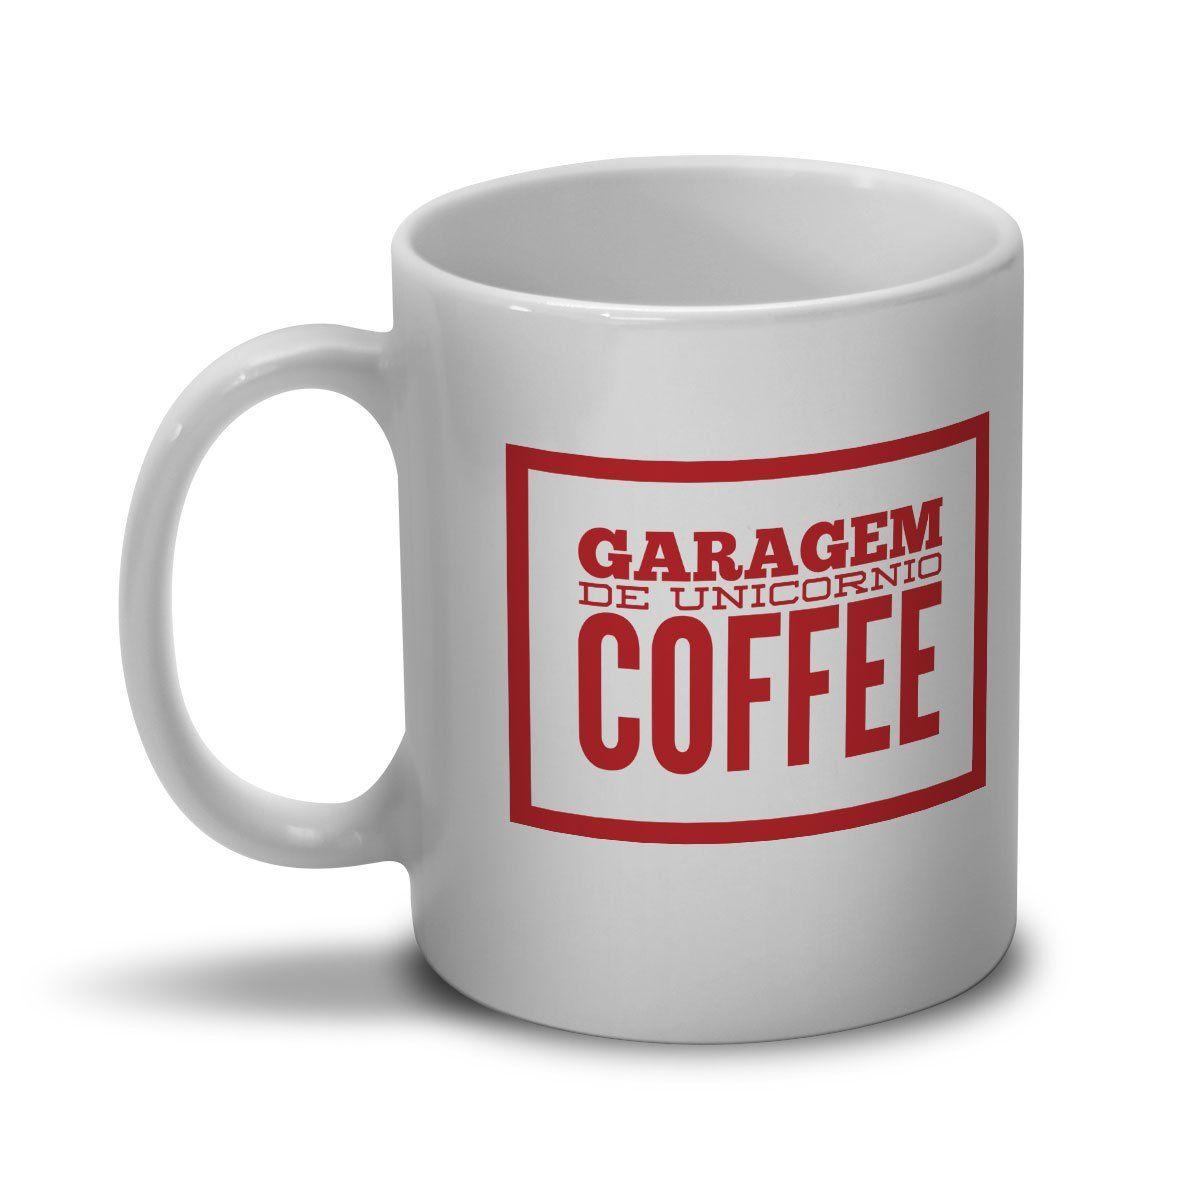 Caneca Monstra Maçã Garagem de Unicórnio Coffee